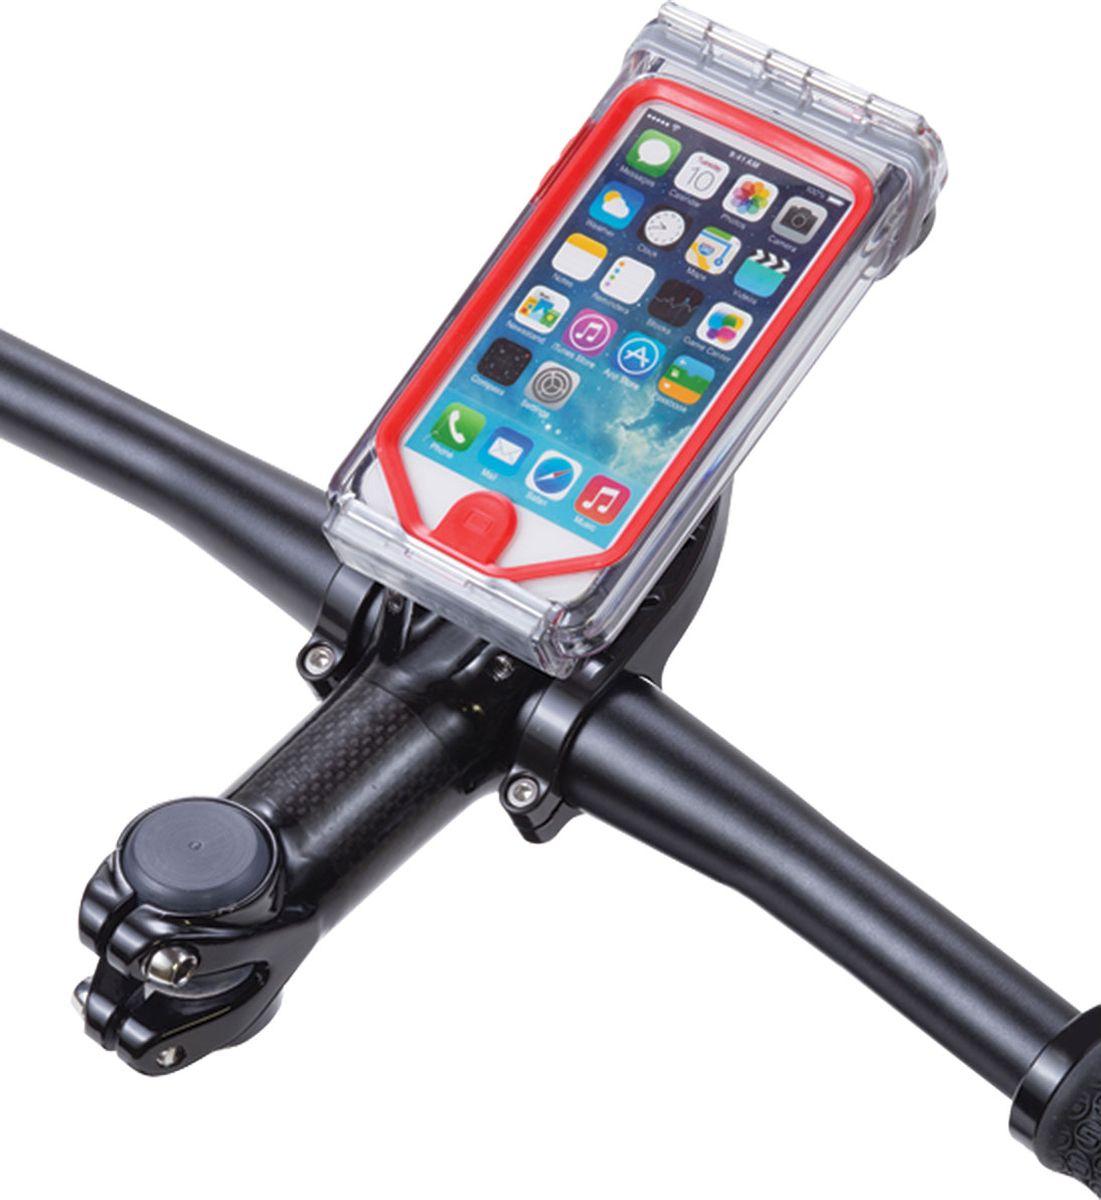 Optrix FS-94700, Black крепление для смартфона на рульFS-94700Разработано в сотрудничестве с известным производителем велоаксессуаров Tate Labs. Данное инновационное крепление позволяет расположить iPhone как в портретной так и альбомной ориентации, чтобы экран устройства всегда был в поле зрения.Подходит к рукоятке диаметром 31,8 мм. Вес крепления (без устройства) 55 г.Подходит для всех защитных чехлов Optrix для iPhone 5/5s и iPhone 6. • Велосипедное крепление профессионального уровня• Крепление устройства в портретной и альбомной ориентации• Подходит для рукояток диаметром 31.8 мм• Подходит ко всем чехлам Optrix by Body Glove